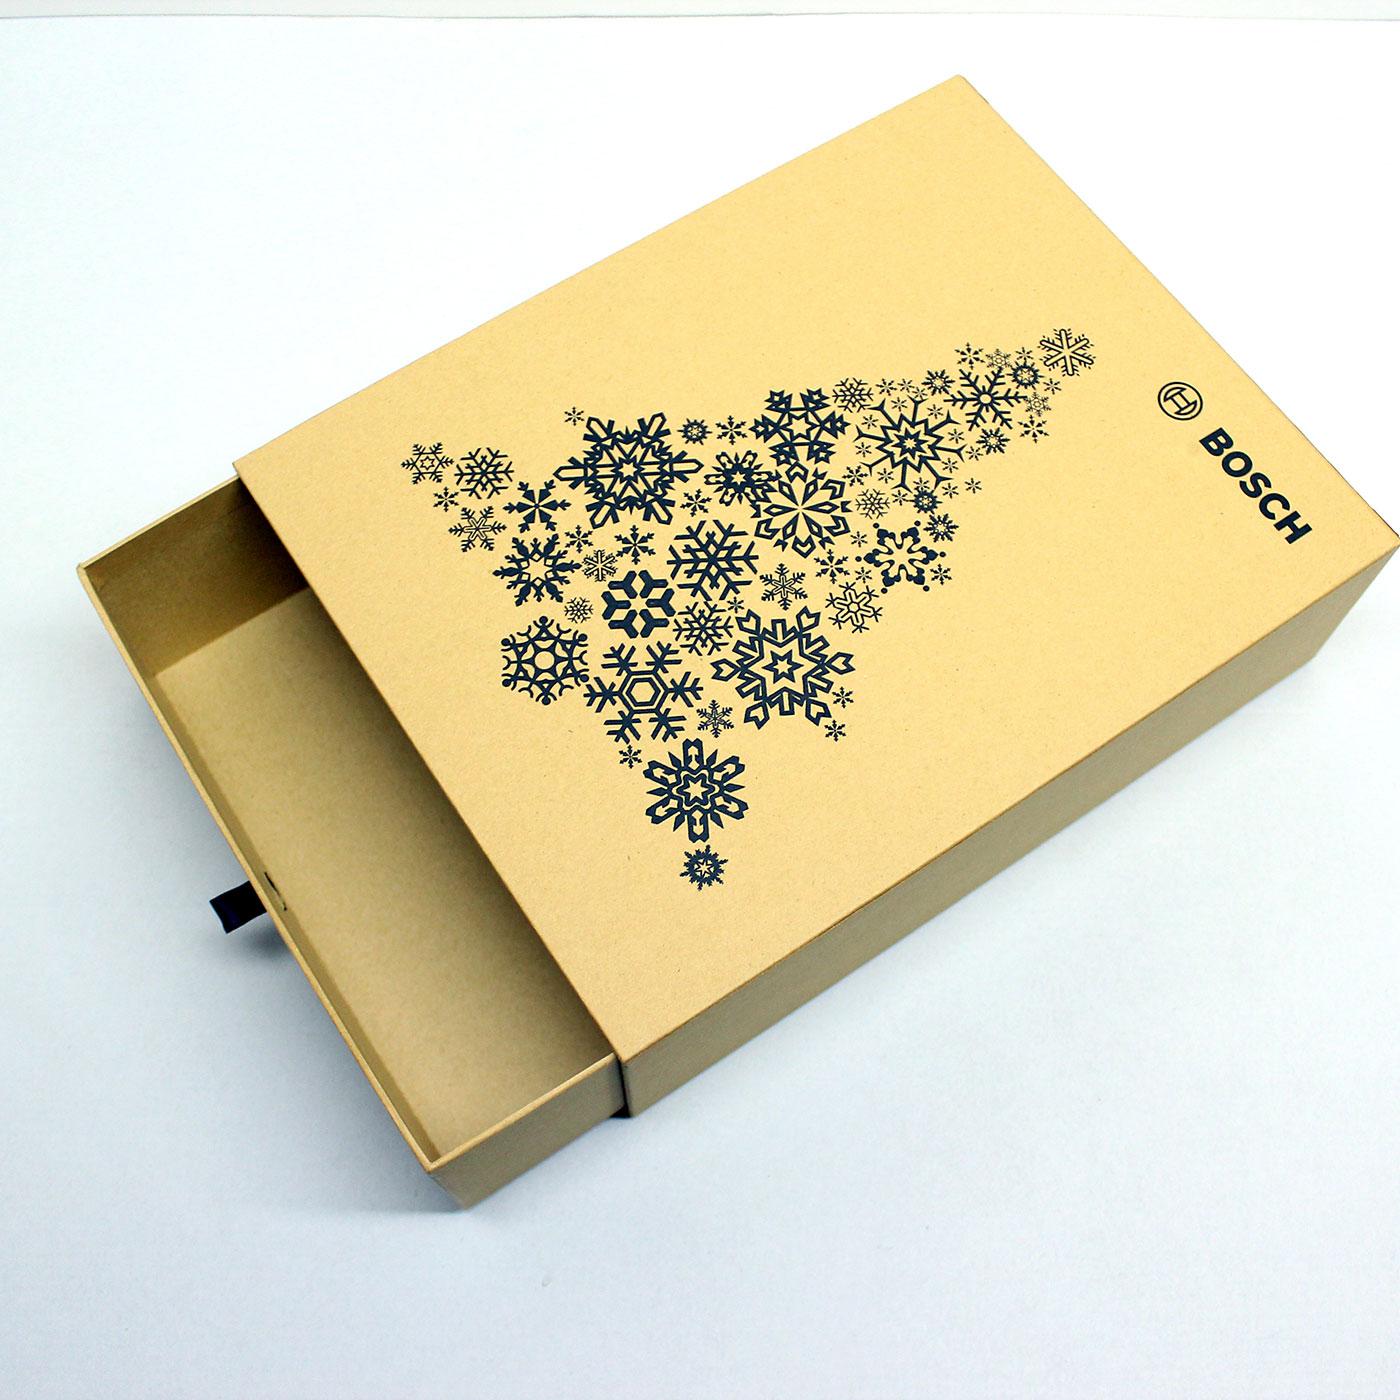 Кашированная новогодняя коробка слайдер для подарков